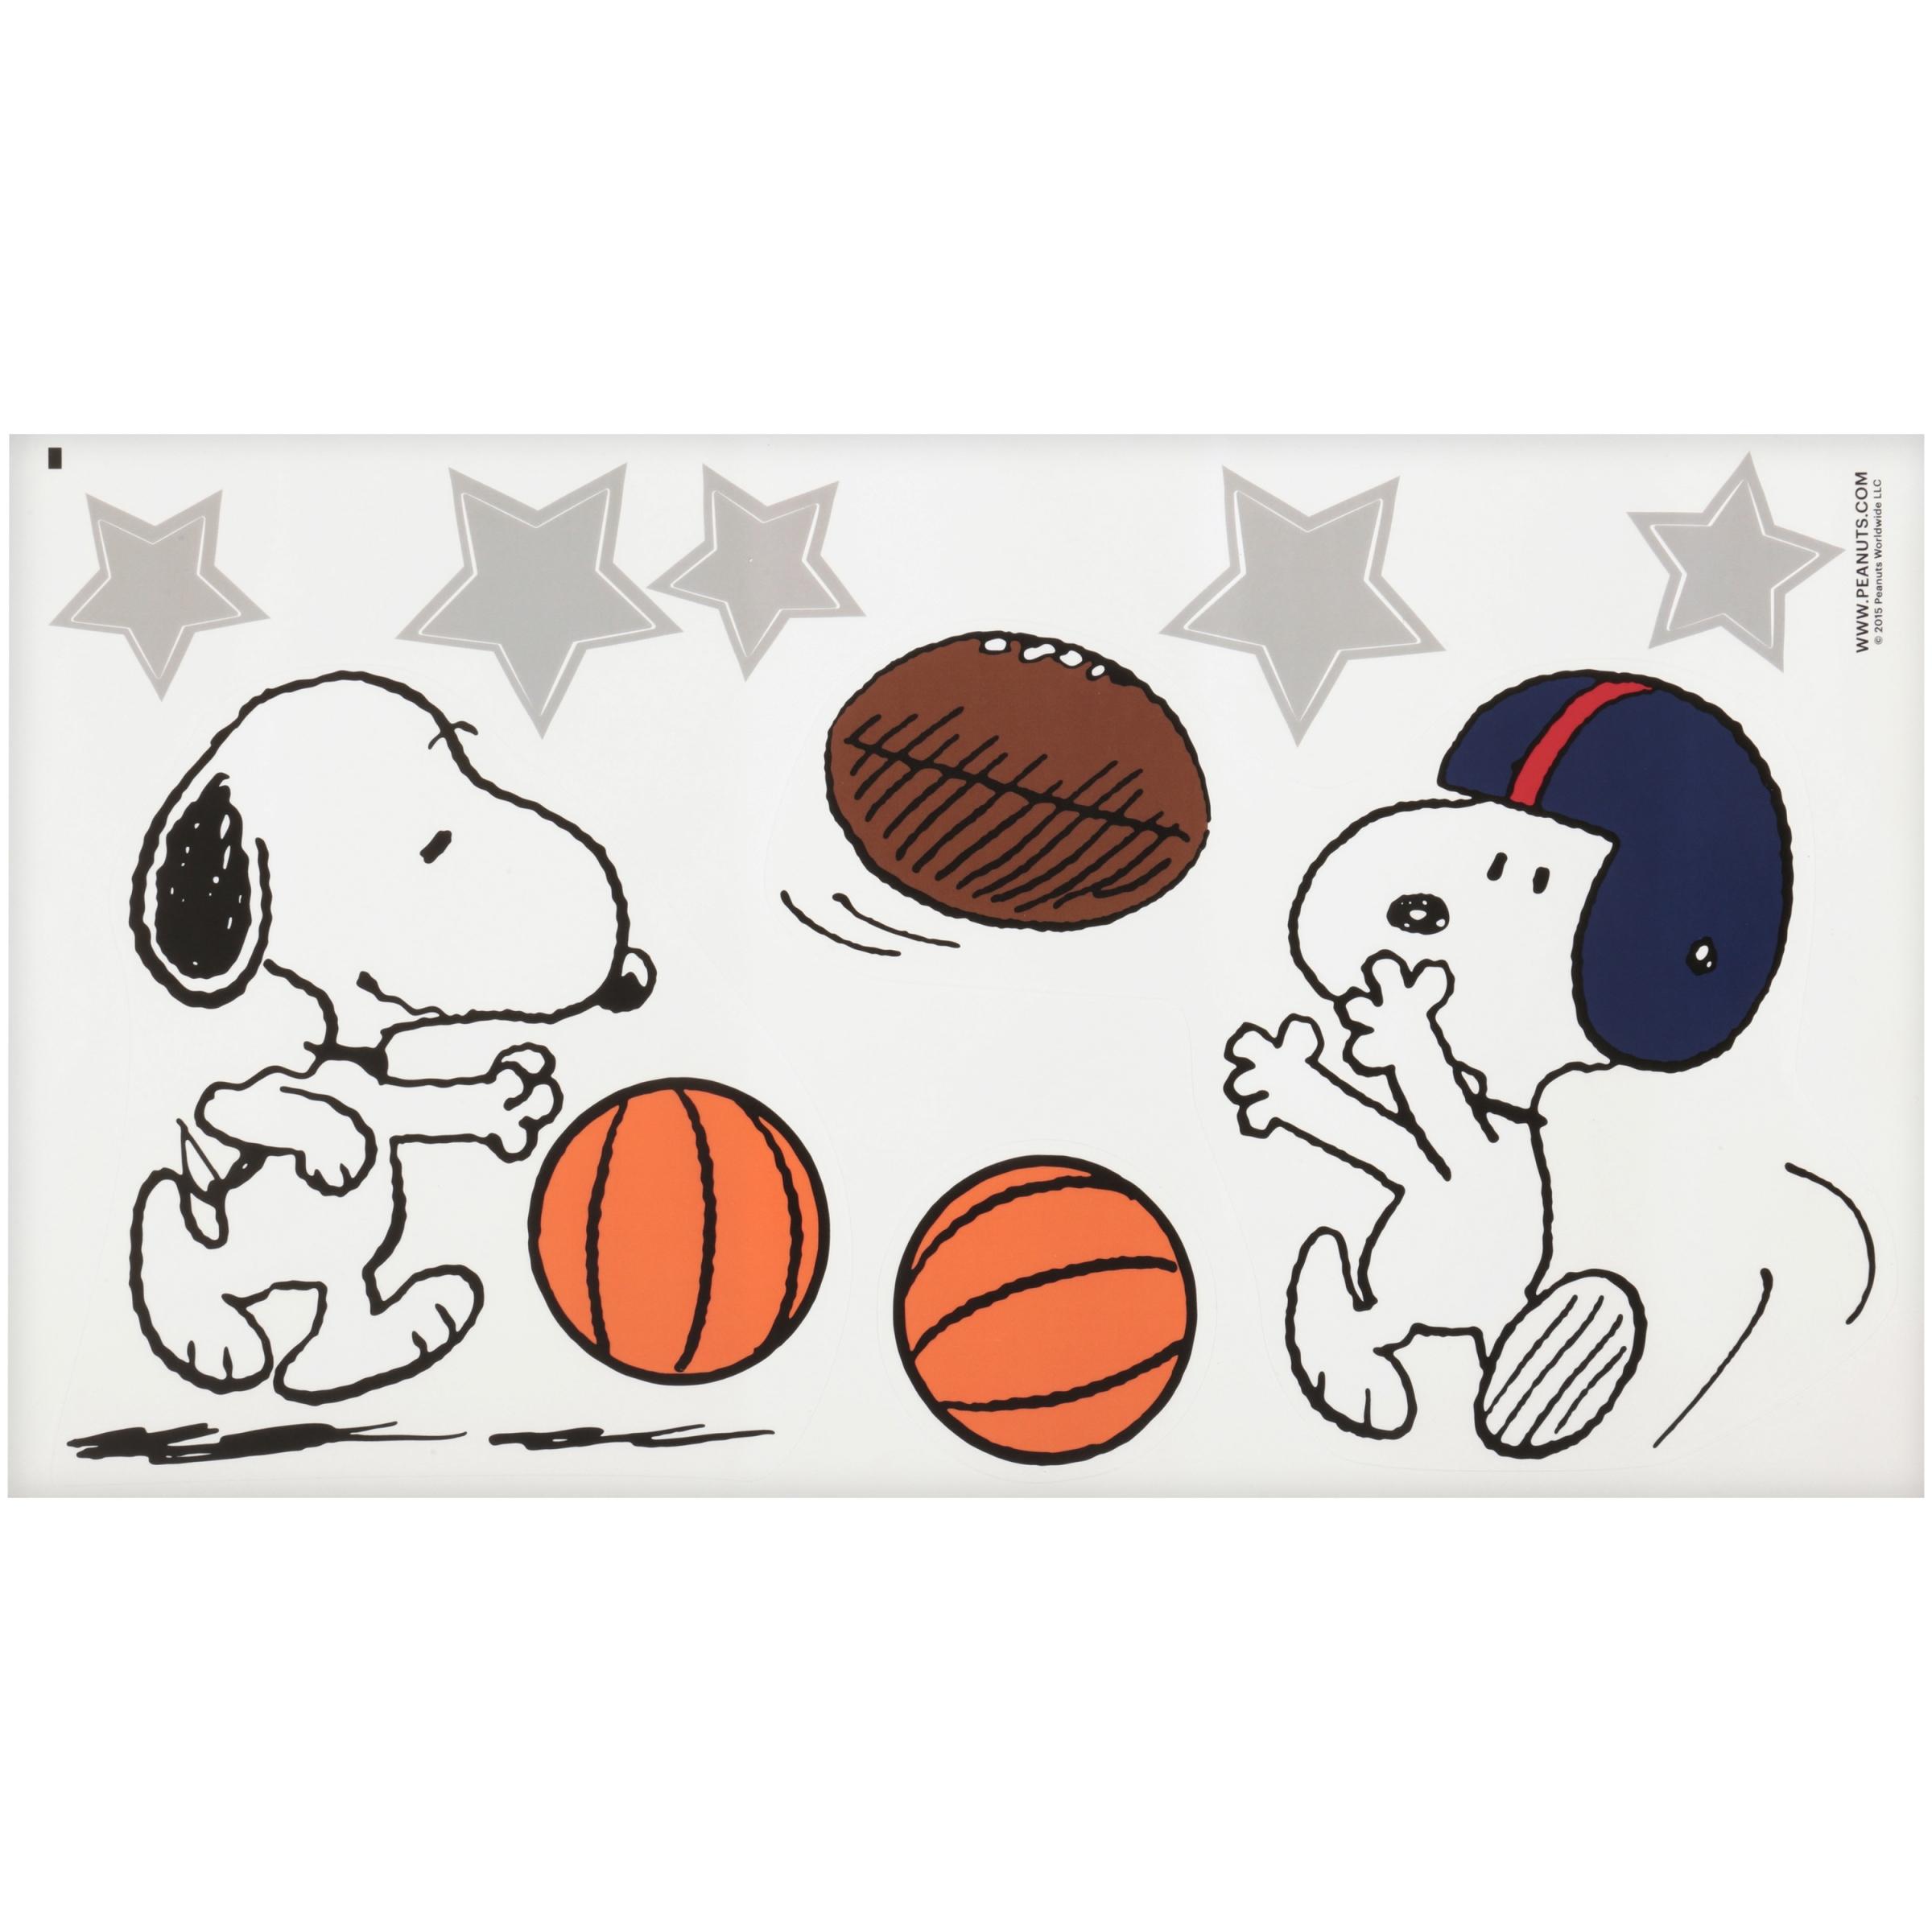 Bedtime Originals™ Peanuts® Snoopy Sports Wall Appliqués 3 ct Pack